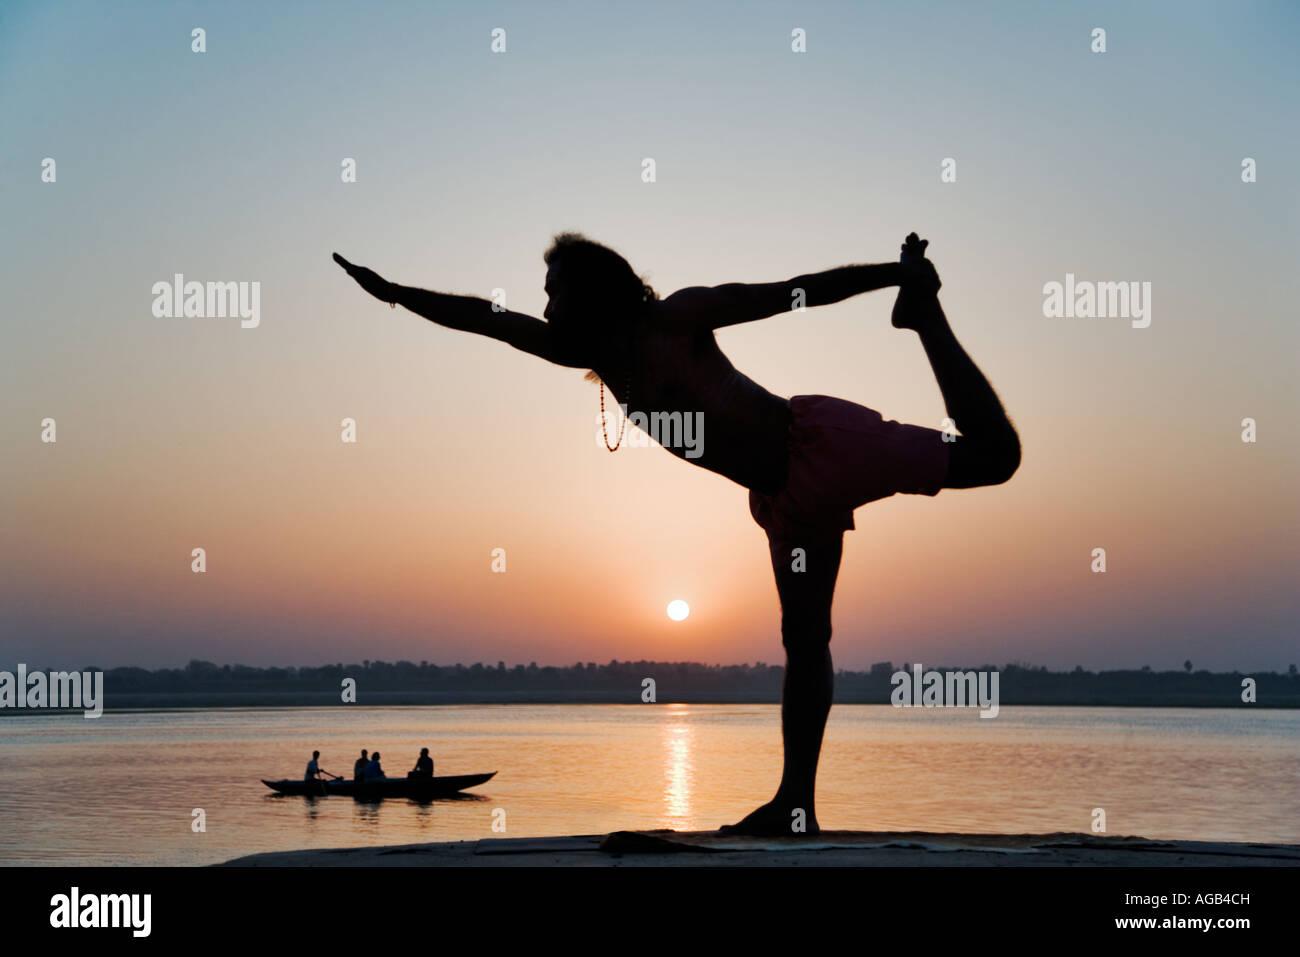 Mundialmente Famoso Maestro Yogui Dr. Rakesh Yogui al amanecer sobre el río Ganges India Imagen De Stock